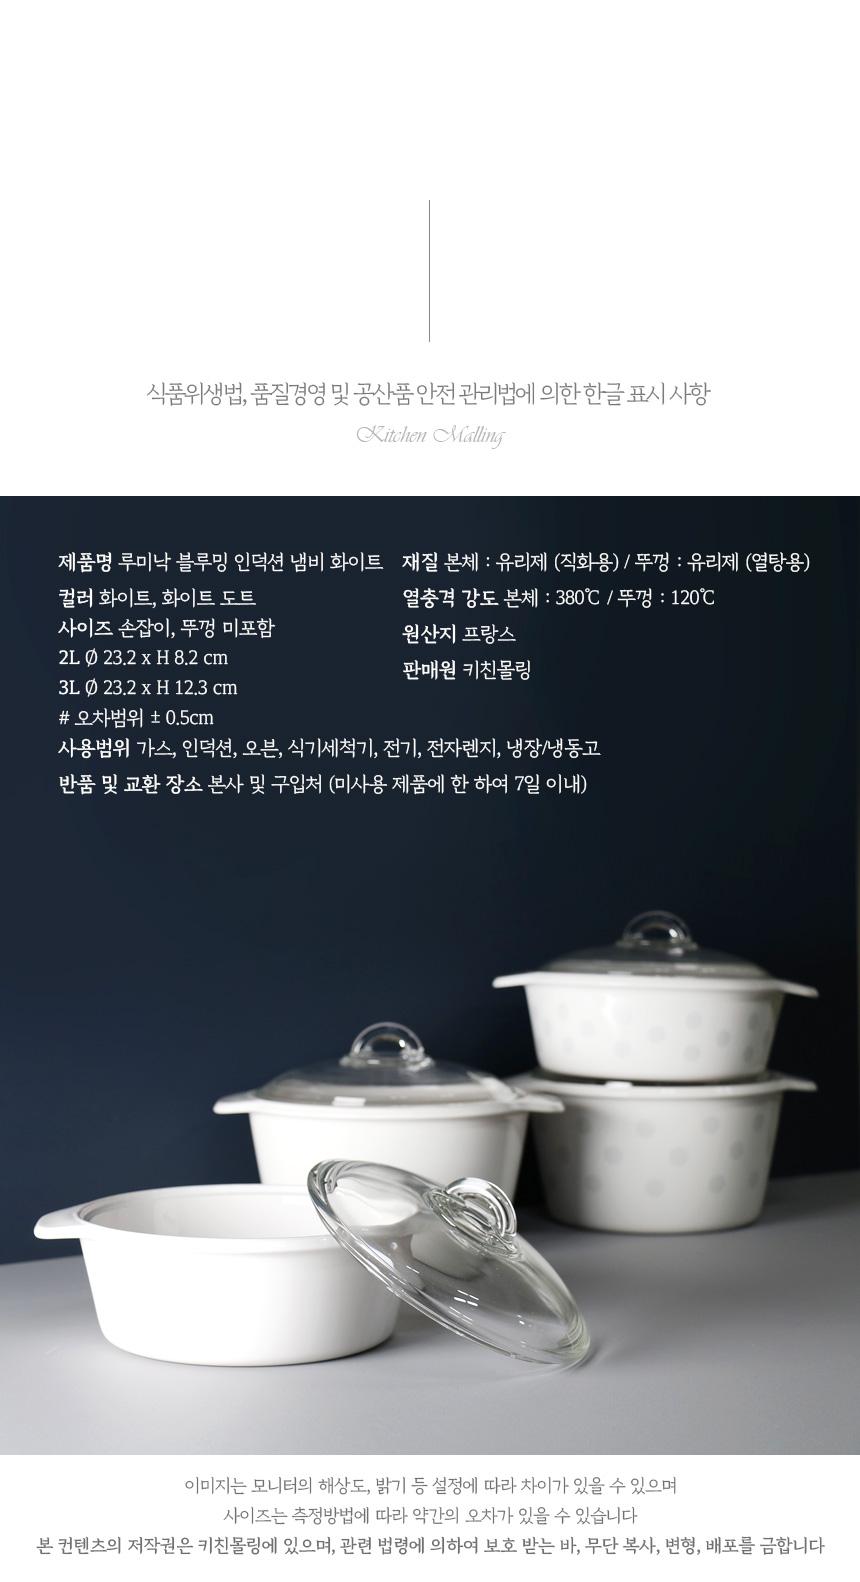 루미낙 인덕션냄비 화이트 2size - 키친몰링, 64,700원, 냄비, 직화 냄비